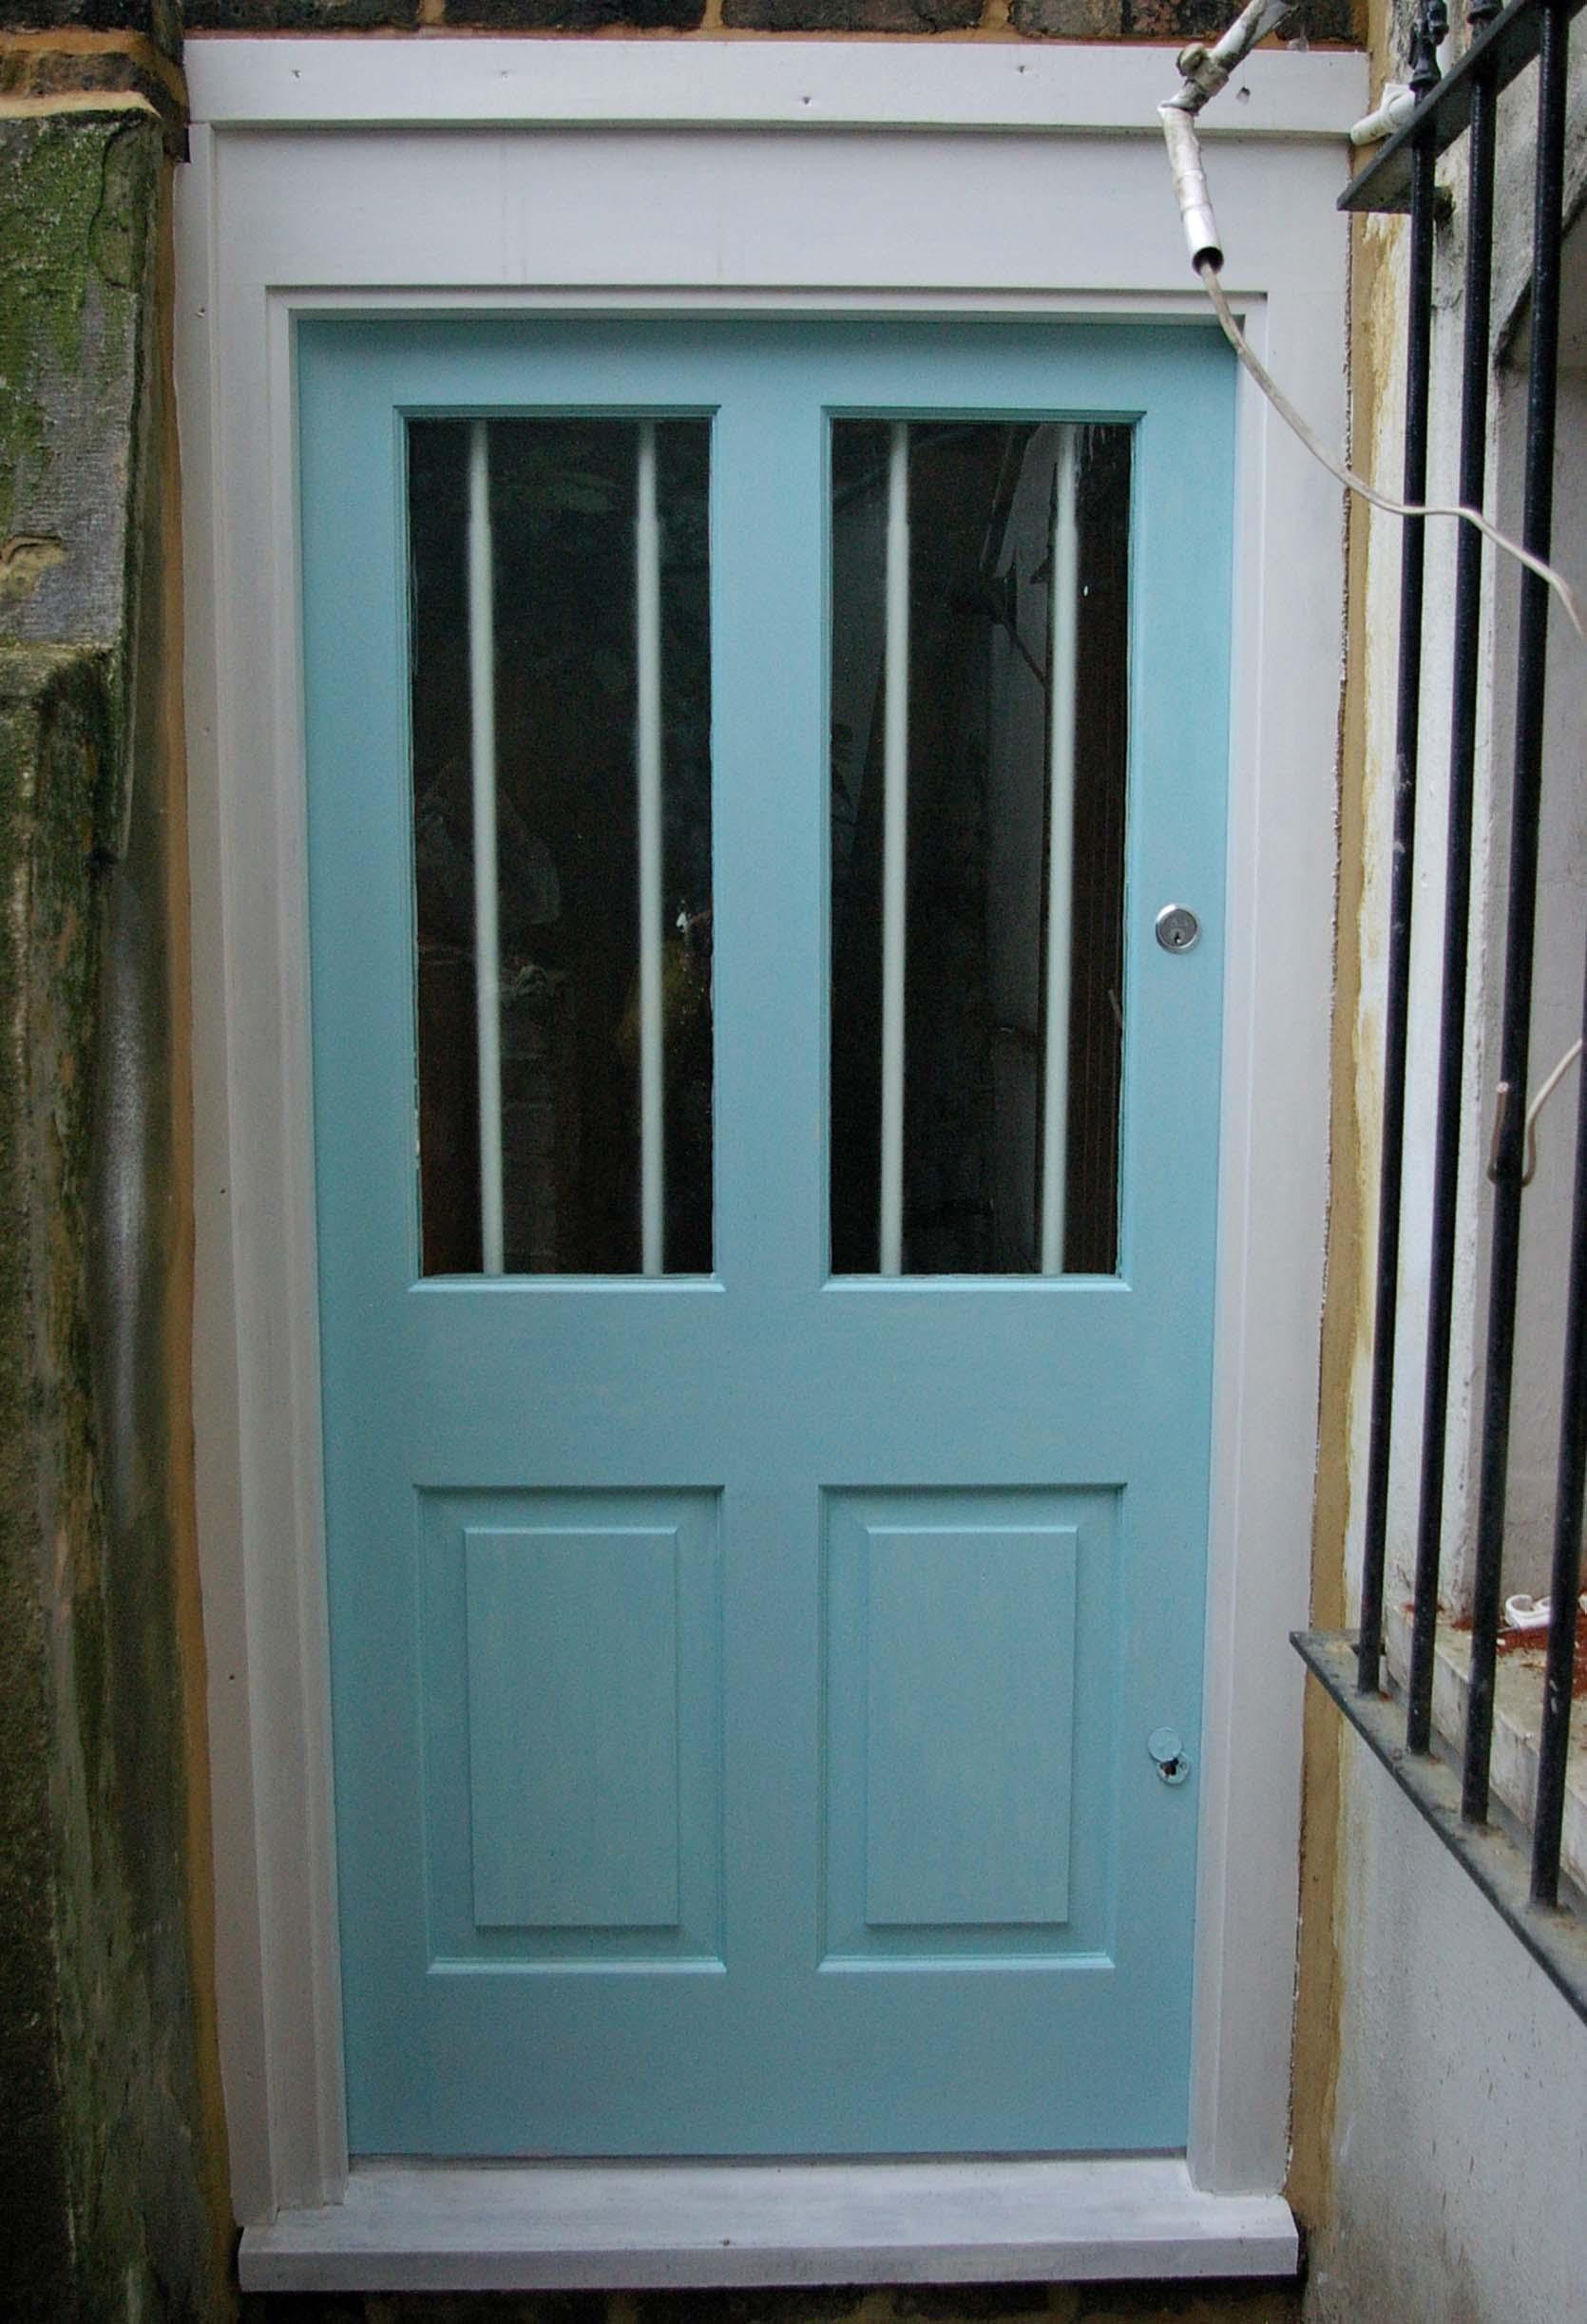 2446 #5F4C36 Front Door Klaus And Heidi save image Front Doors 40671670